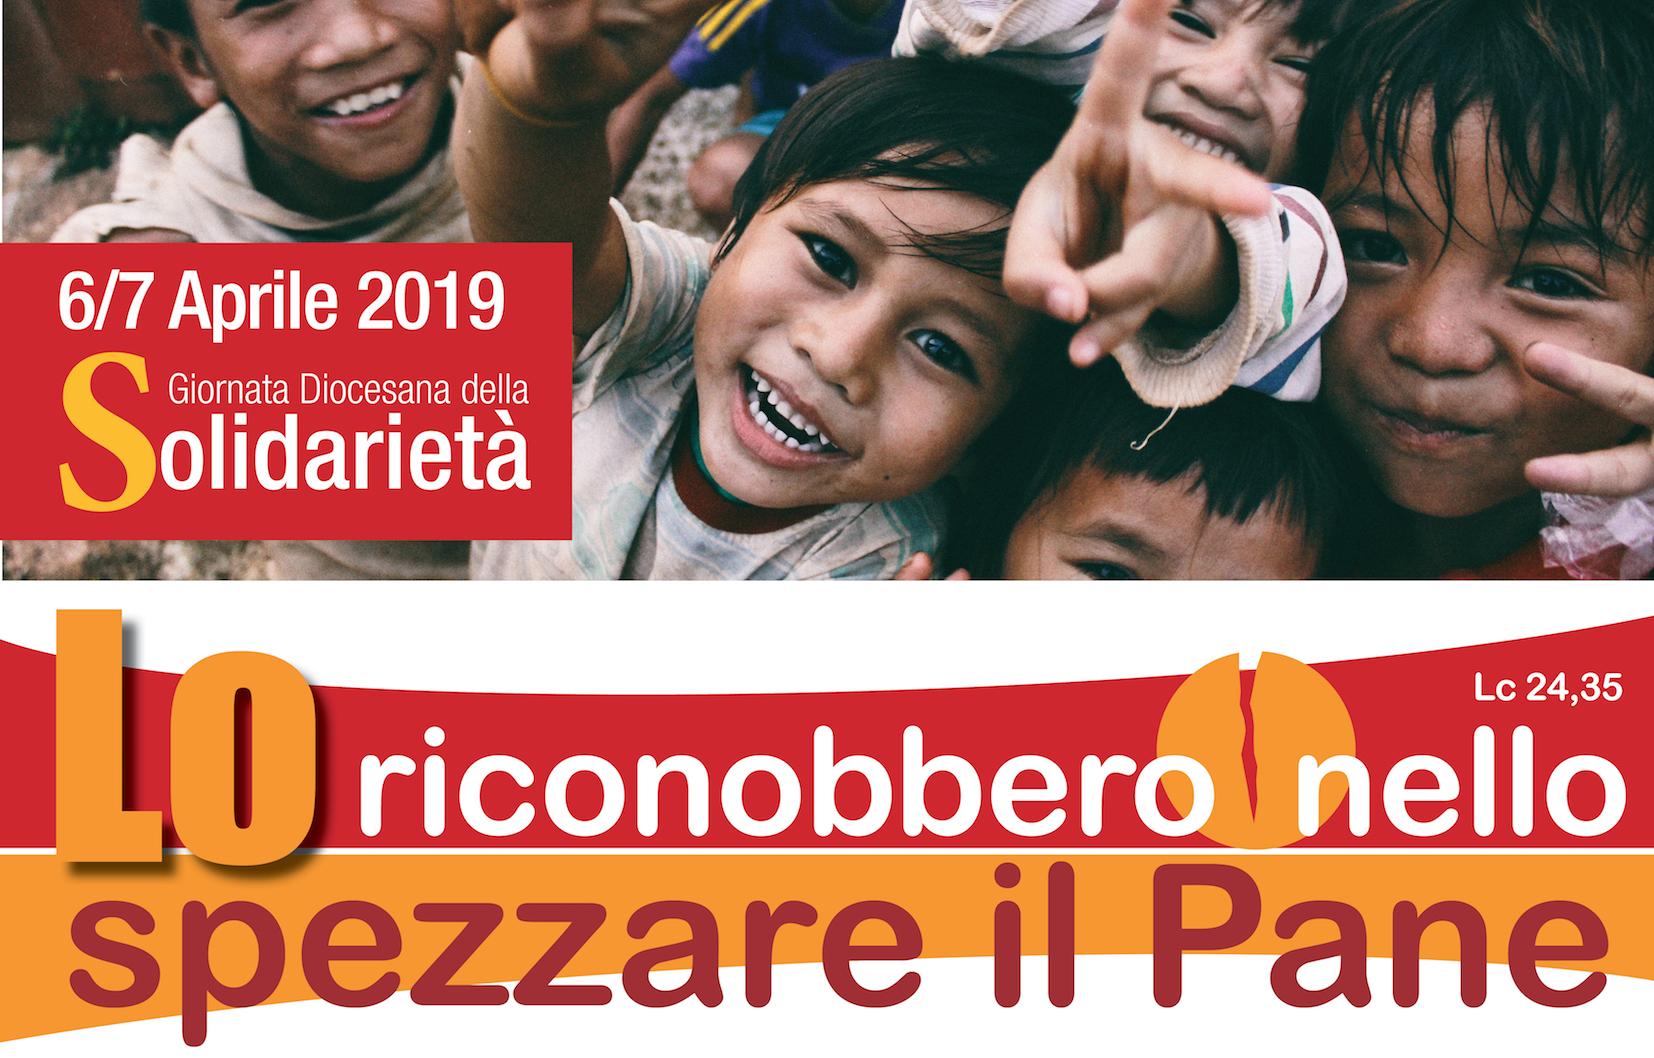 6 Aprile. Giovani (anche) al Monastero per la Giornata Diocesana della Solidarietà 2019